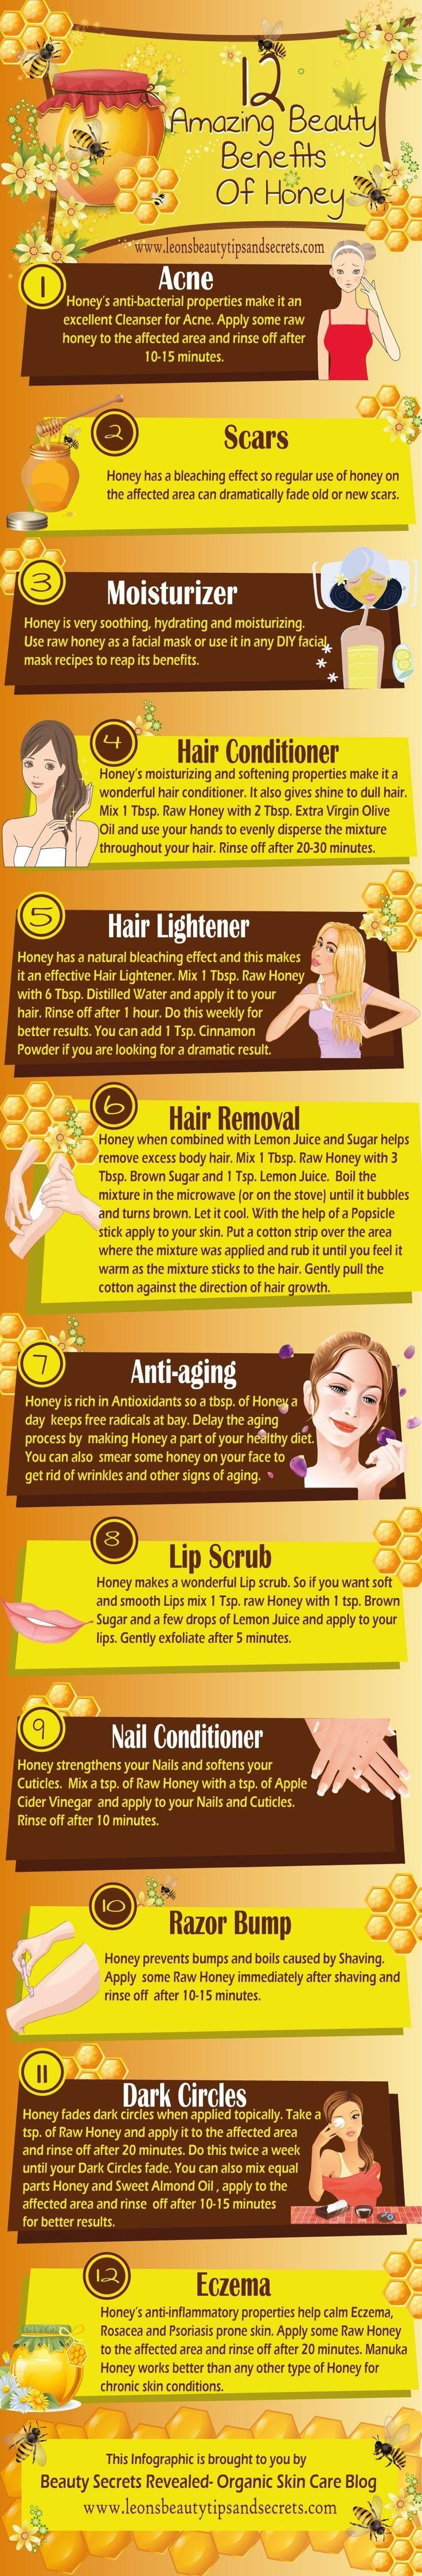 best skin care ideas images on pinterest beauty secrets beauty